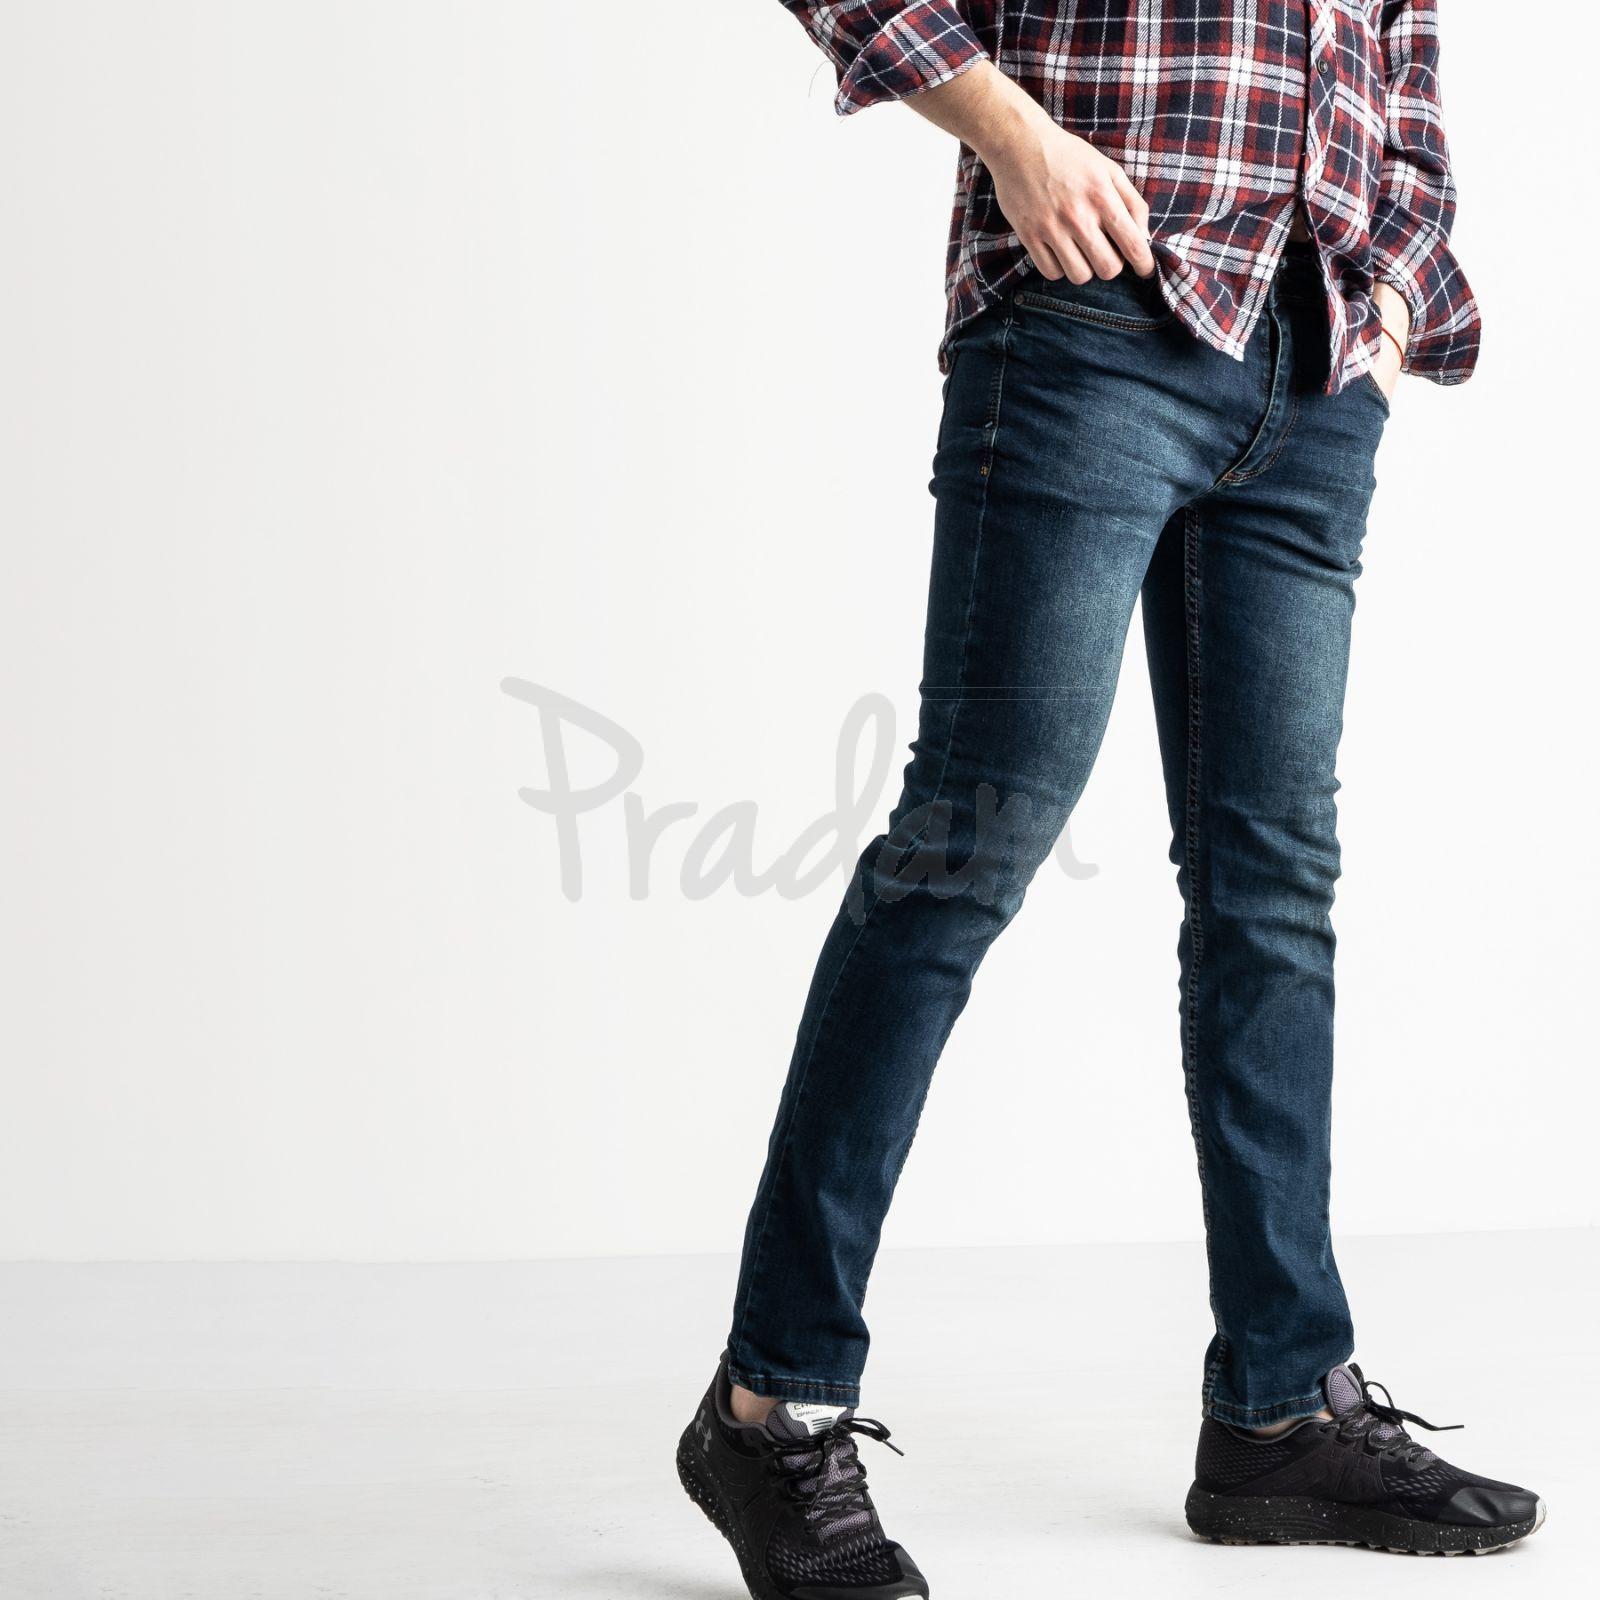 6069 Destry джинсы мужские синие стрейчевые (8 ед. размеры: 27.28.28.29.29.30.31.32)